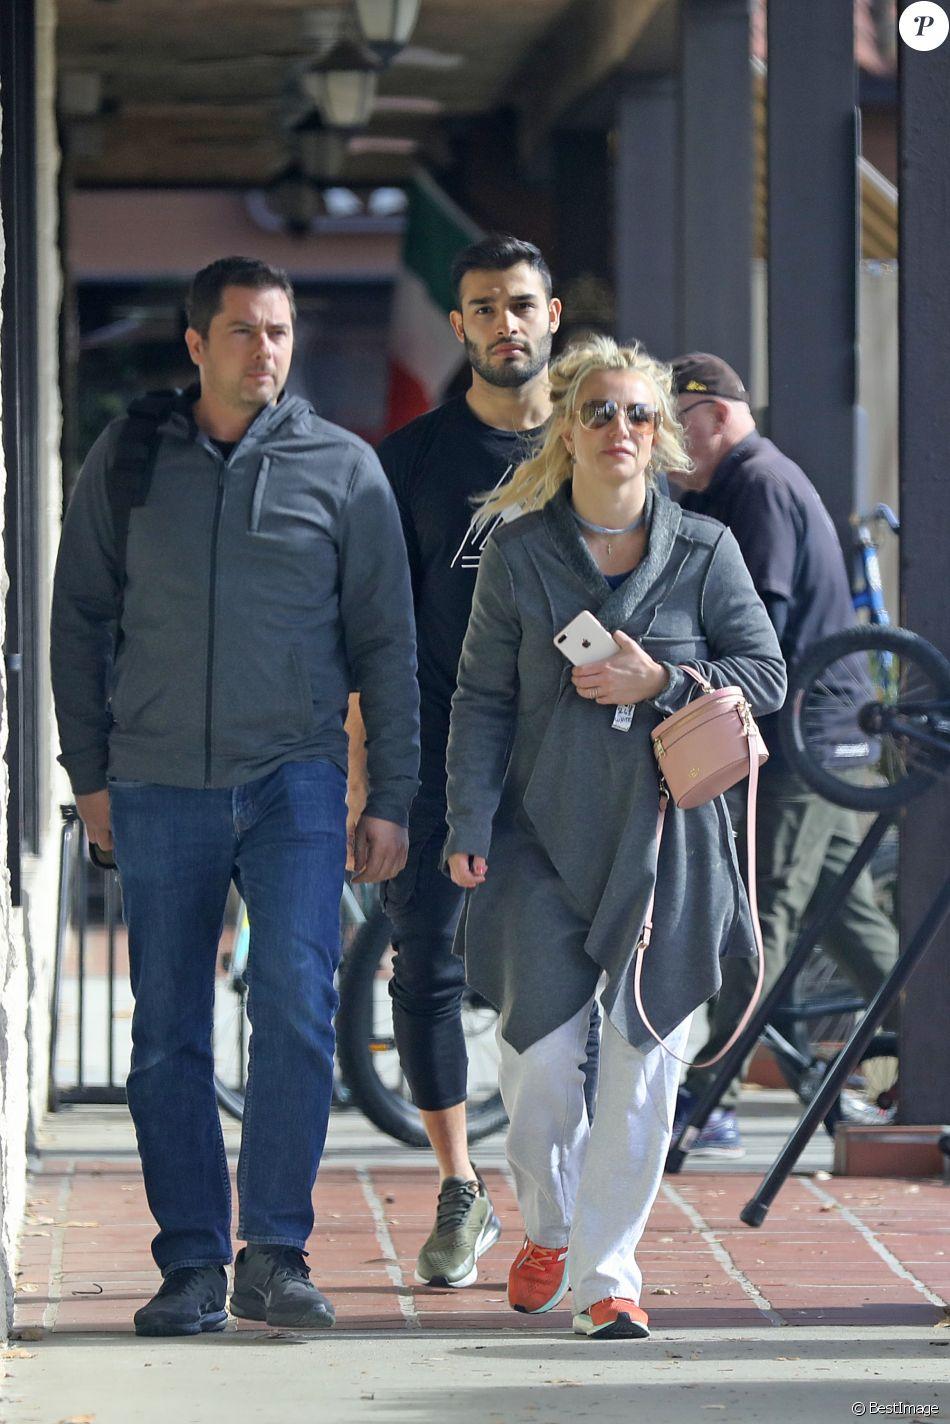 Exclusif - Britney Spears et son compagnon Sam Asghari se font plaisir au In-N-Out Burger à Los Angeles, le 6 janver 2019. Le couple se rend ensuite dans un magazin de vélos.